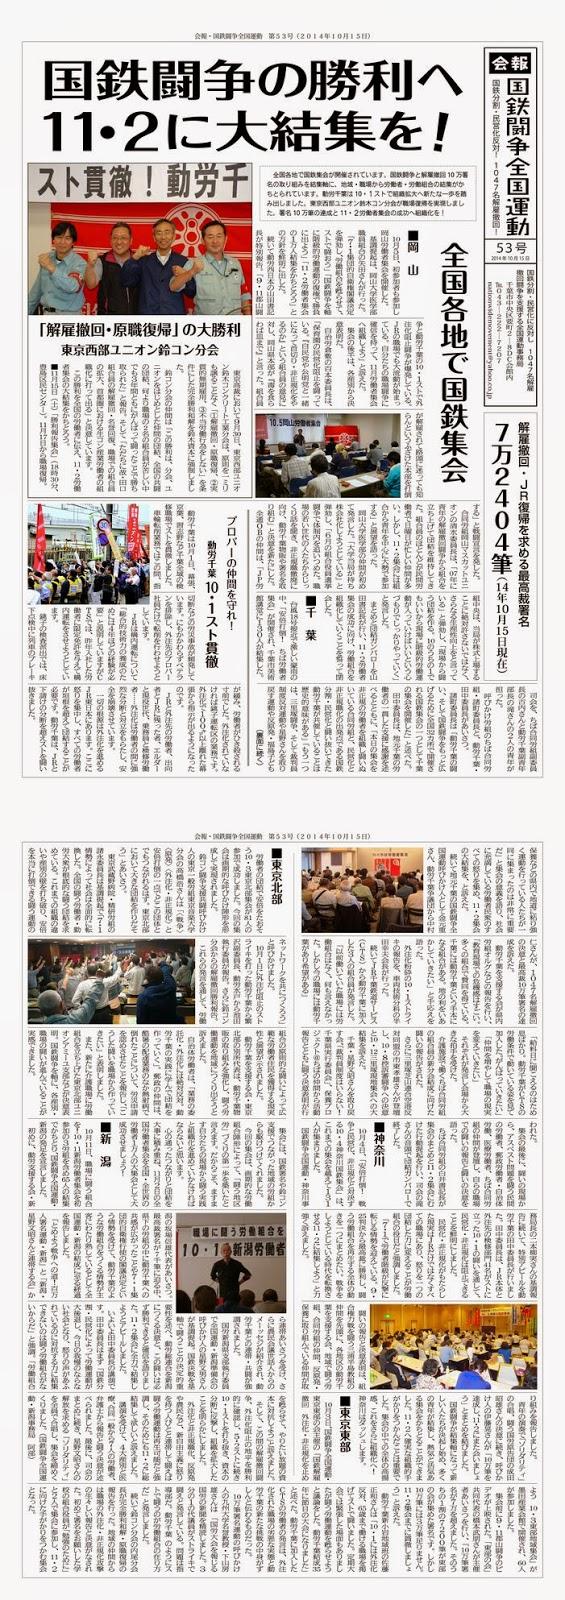 http://www.doro-chiba.org/z-undou/pdf/news_53.pdf